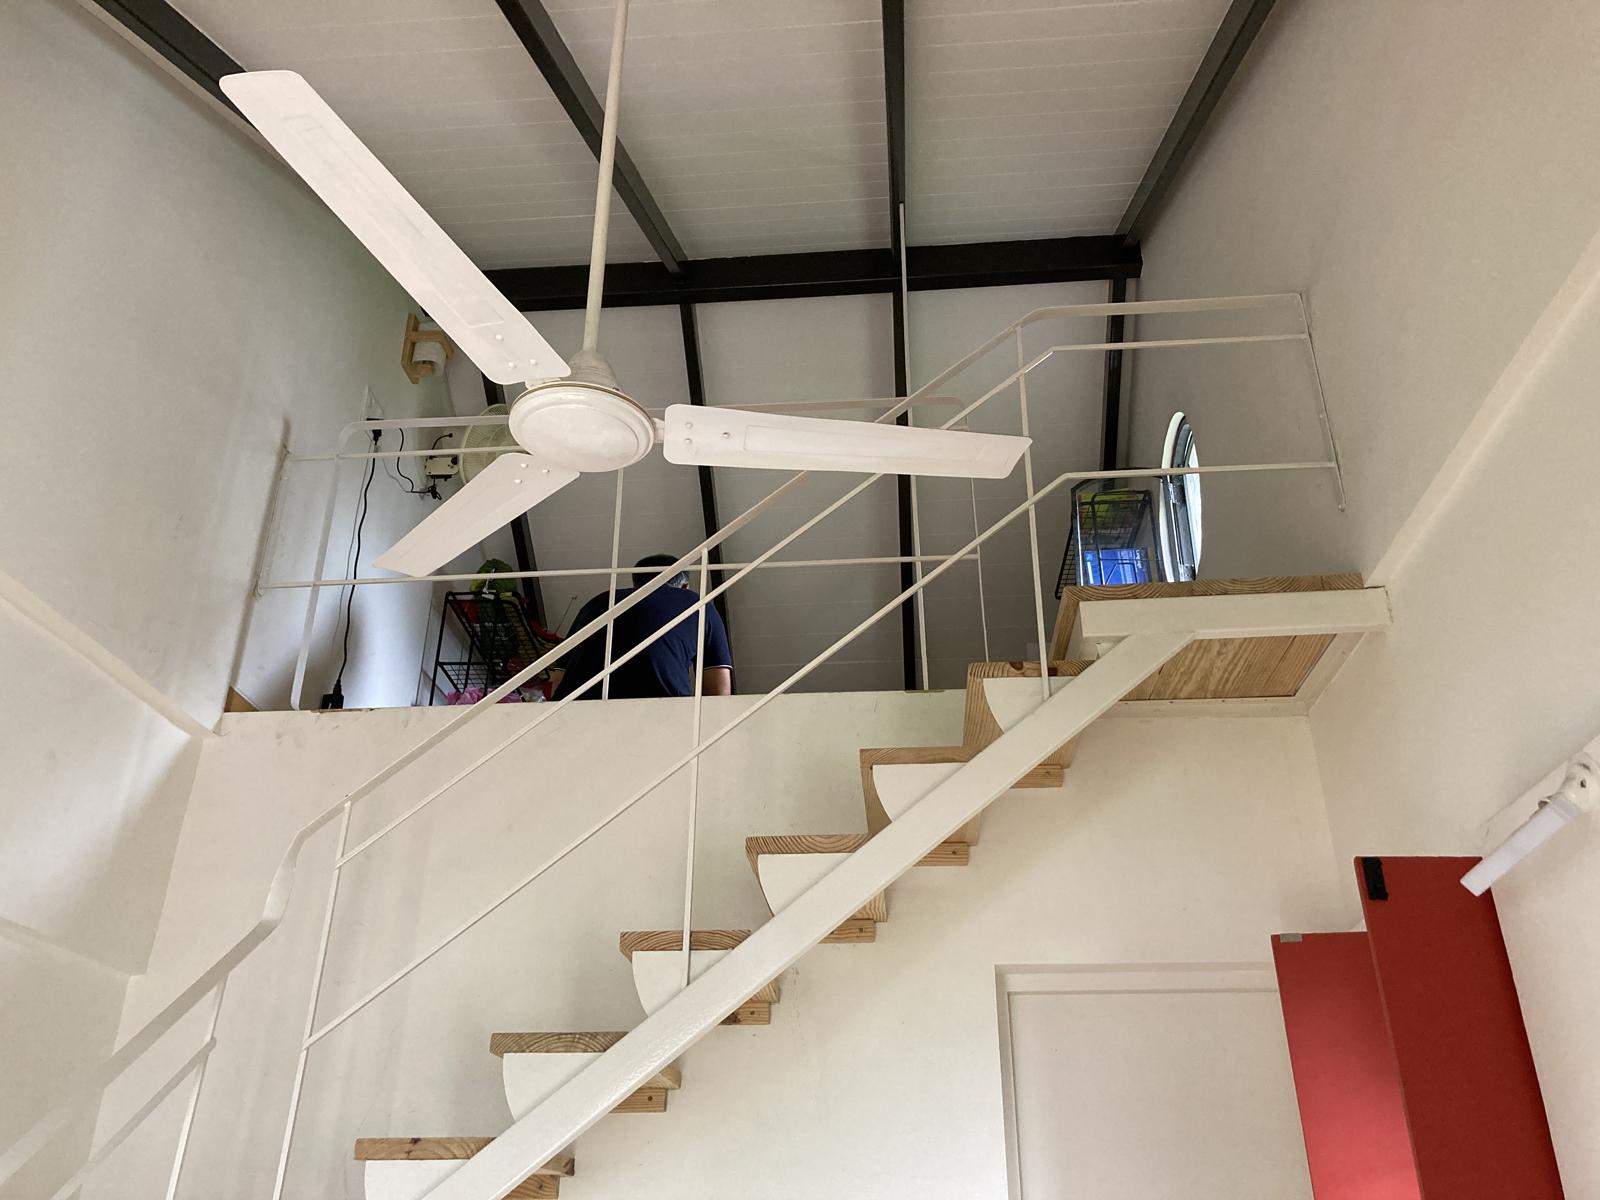 14. Loft over bedroom